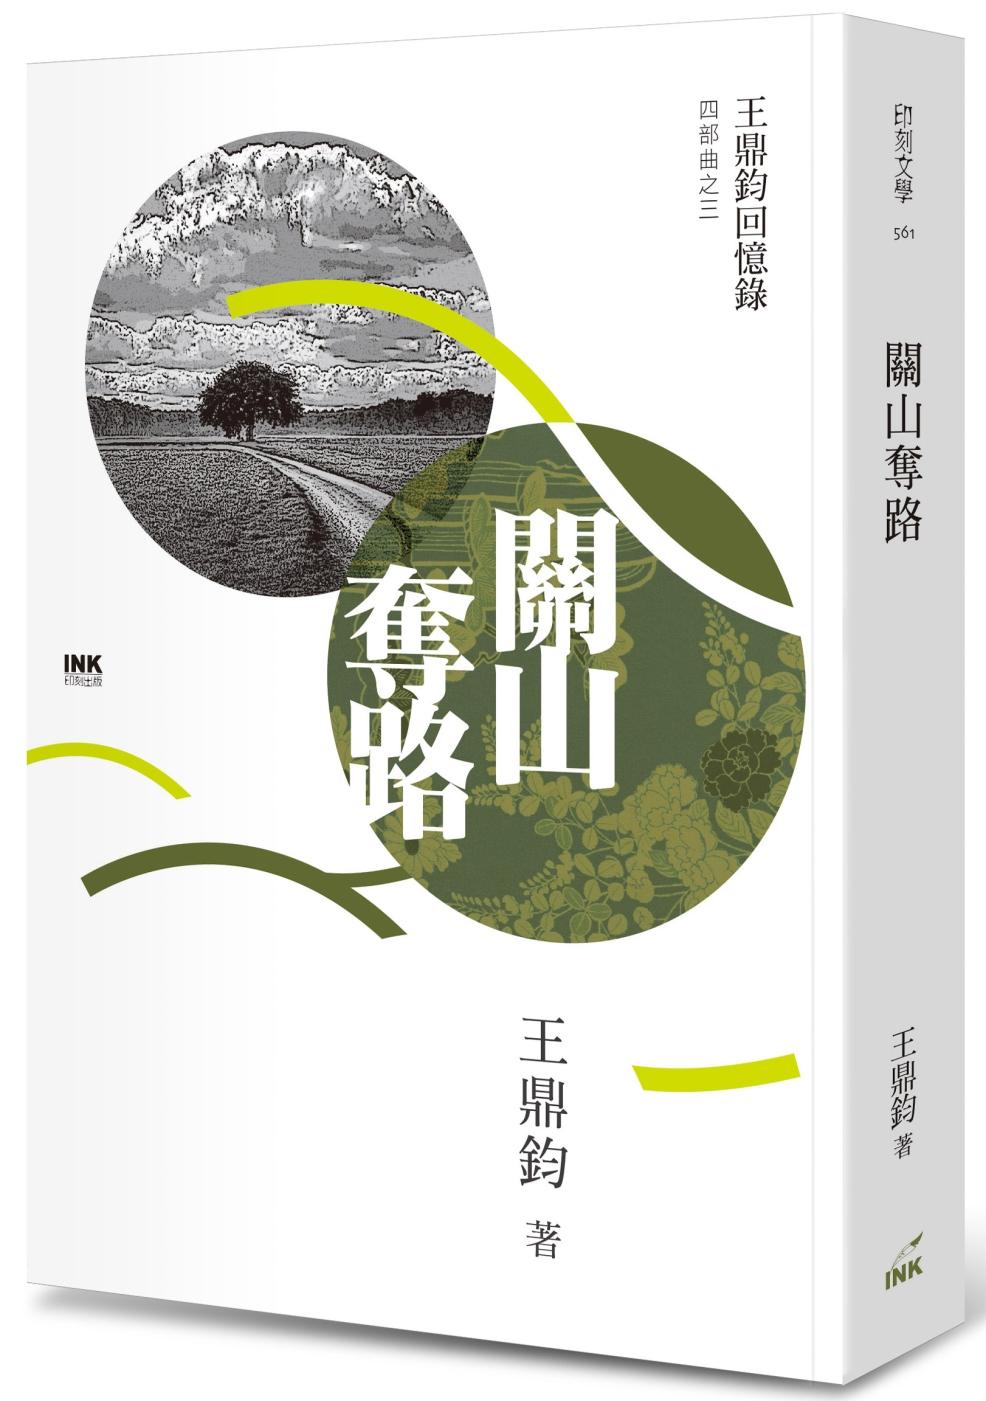 關山奪路:王鼎鈞回憶錄四部曲之三